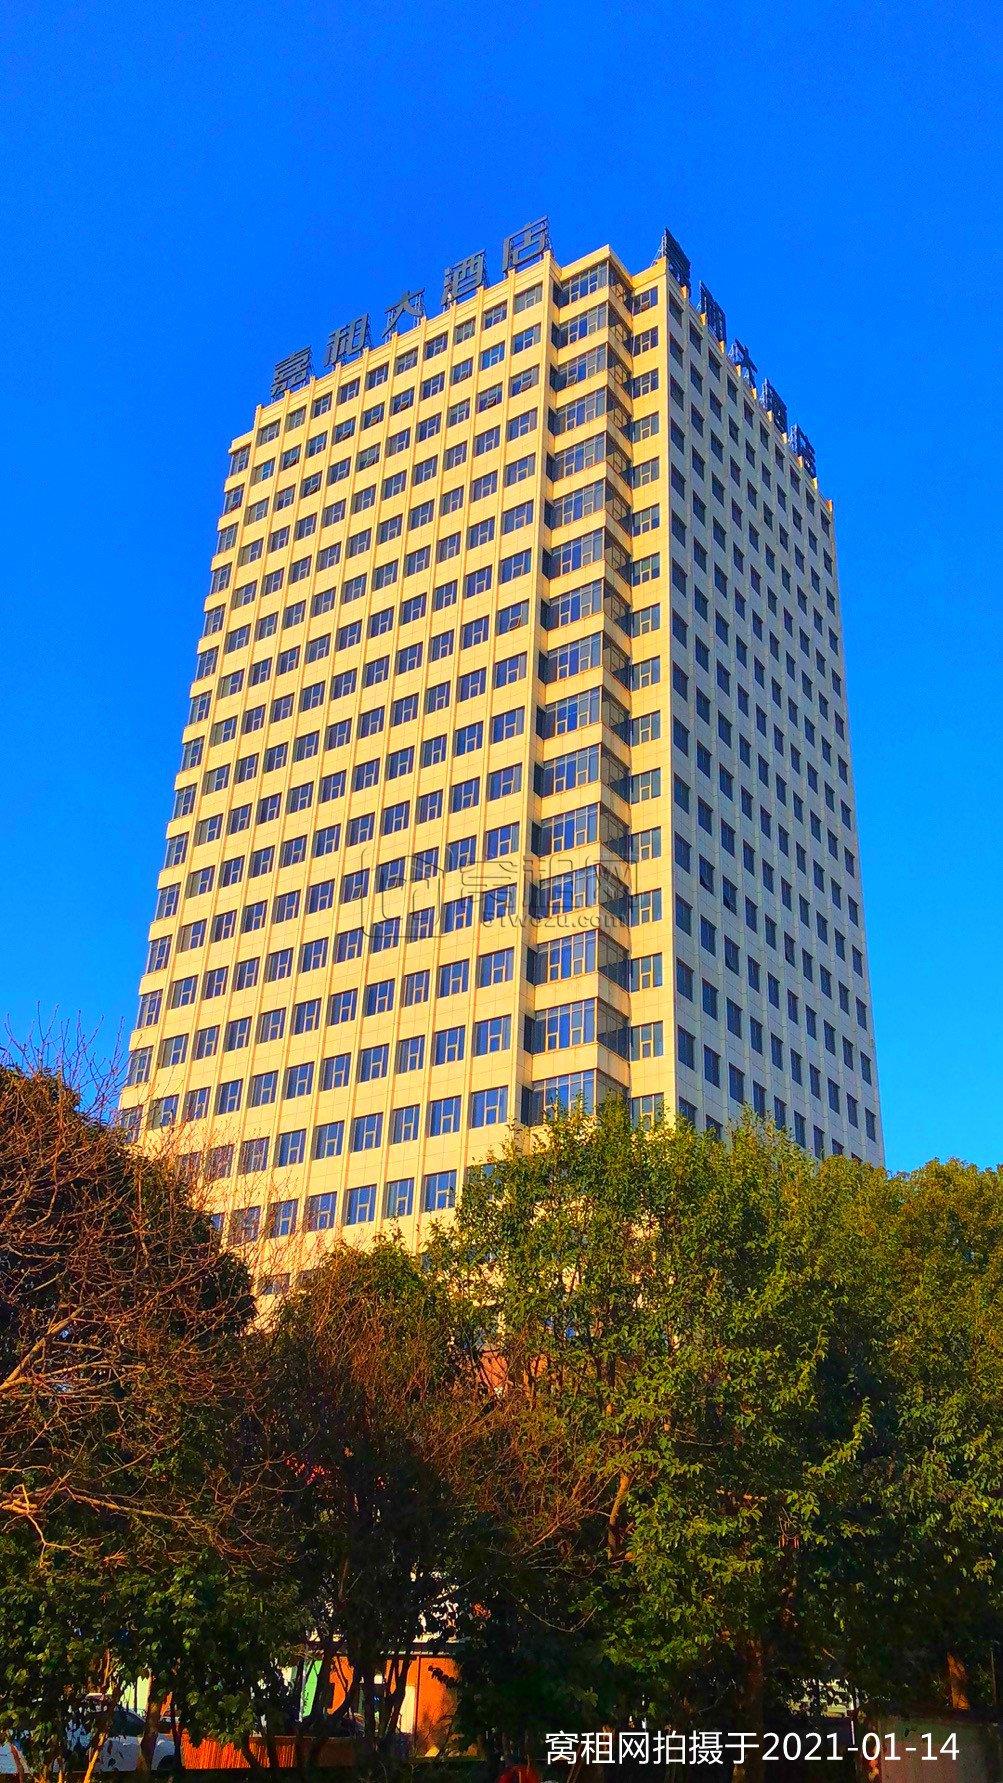 宁波嘉和大酒店商务楼